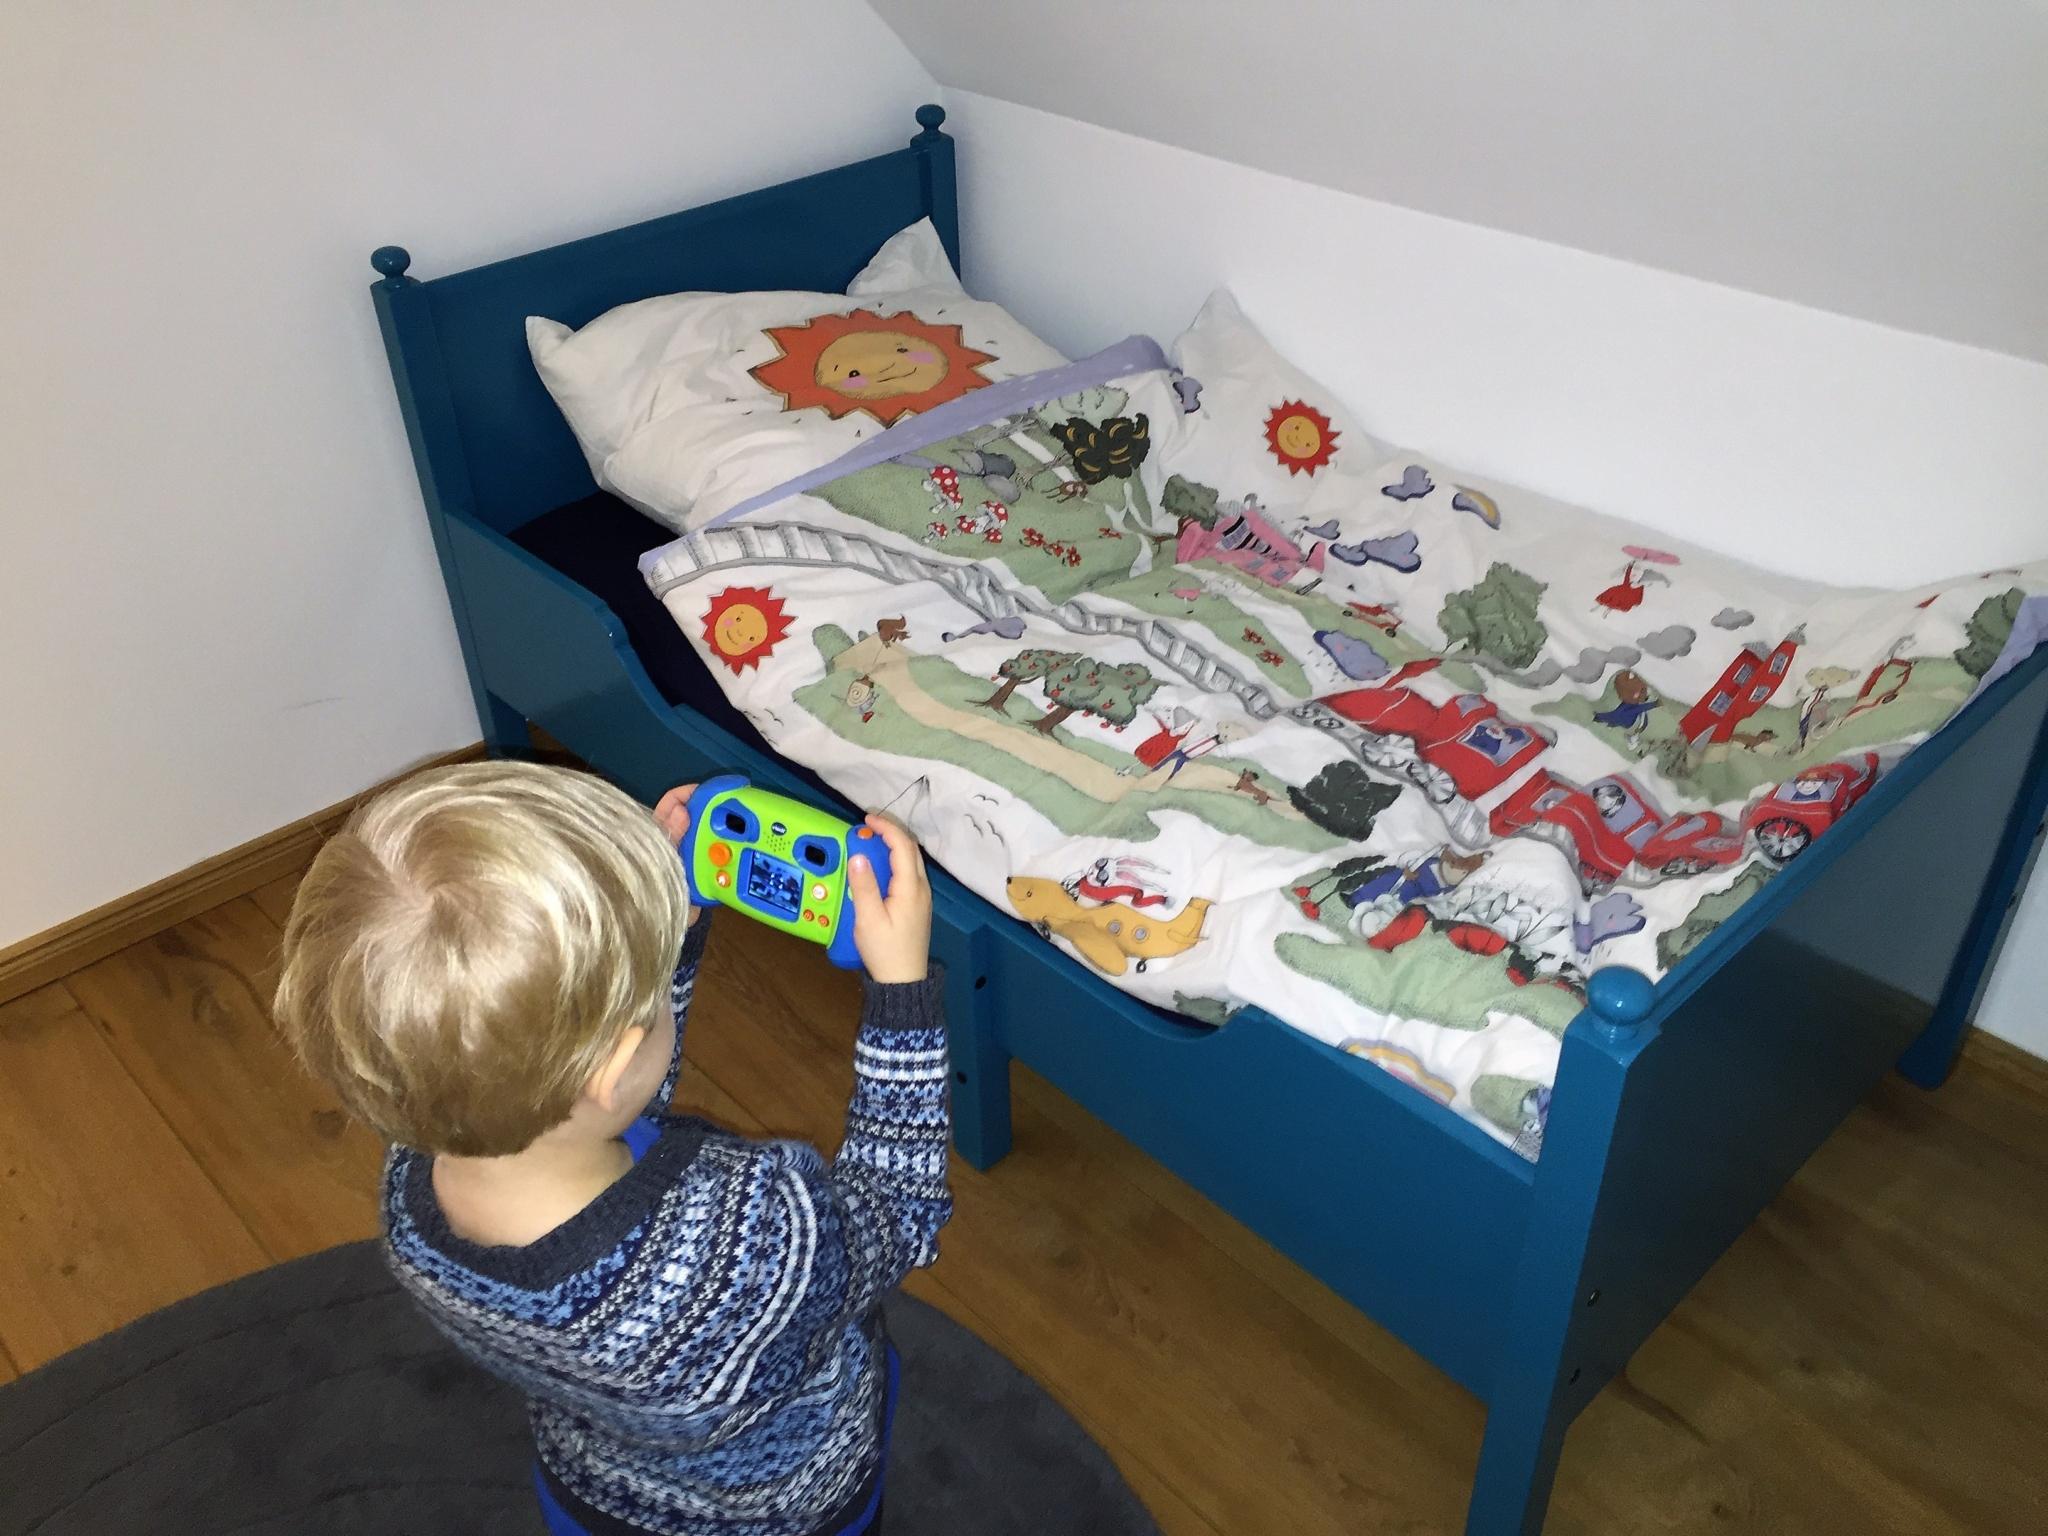 Full Size of Kinderbett Diy Obi Haus Baldachin Anleitung Rausfallschutz Nachhaltigkeit Aufgembelt Wohnzimmer Kinderbett Diy